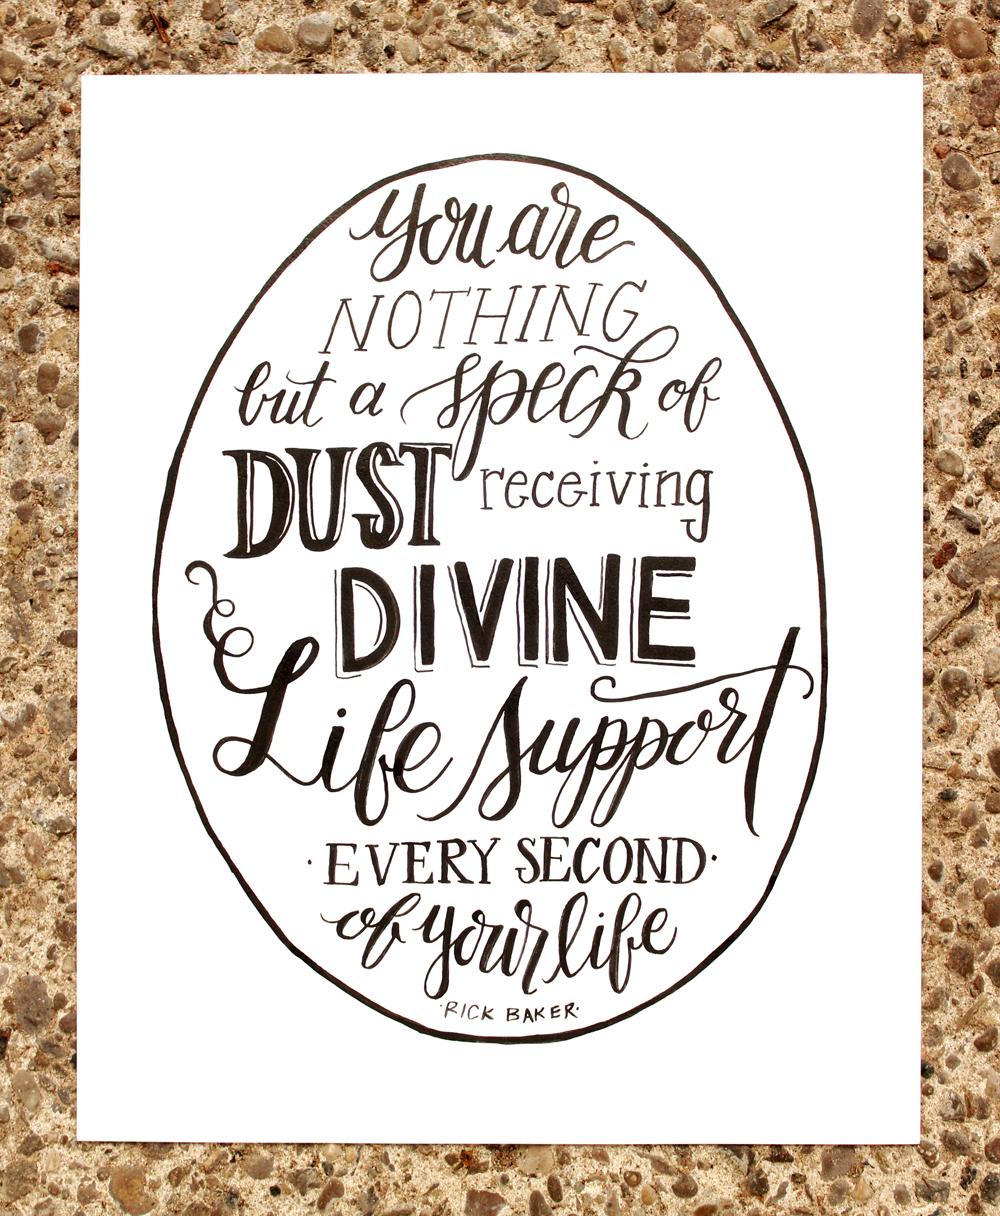 dust divine